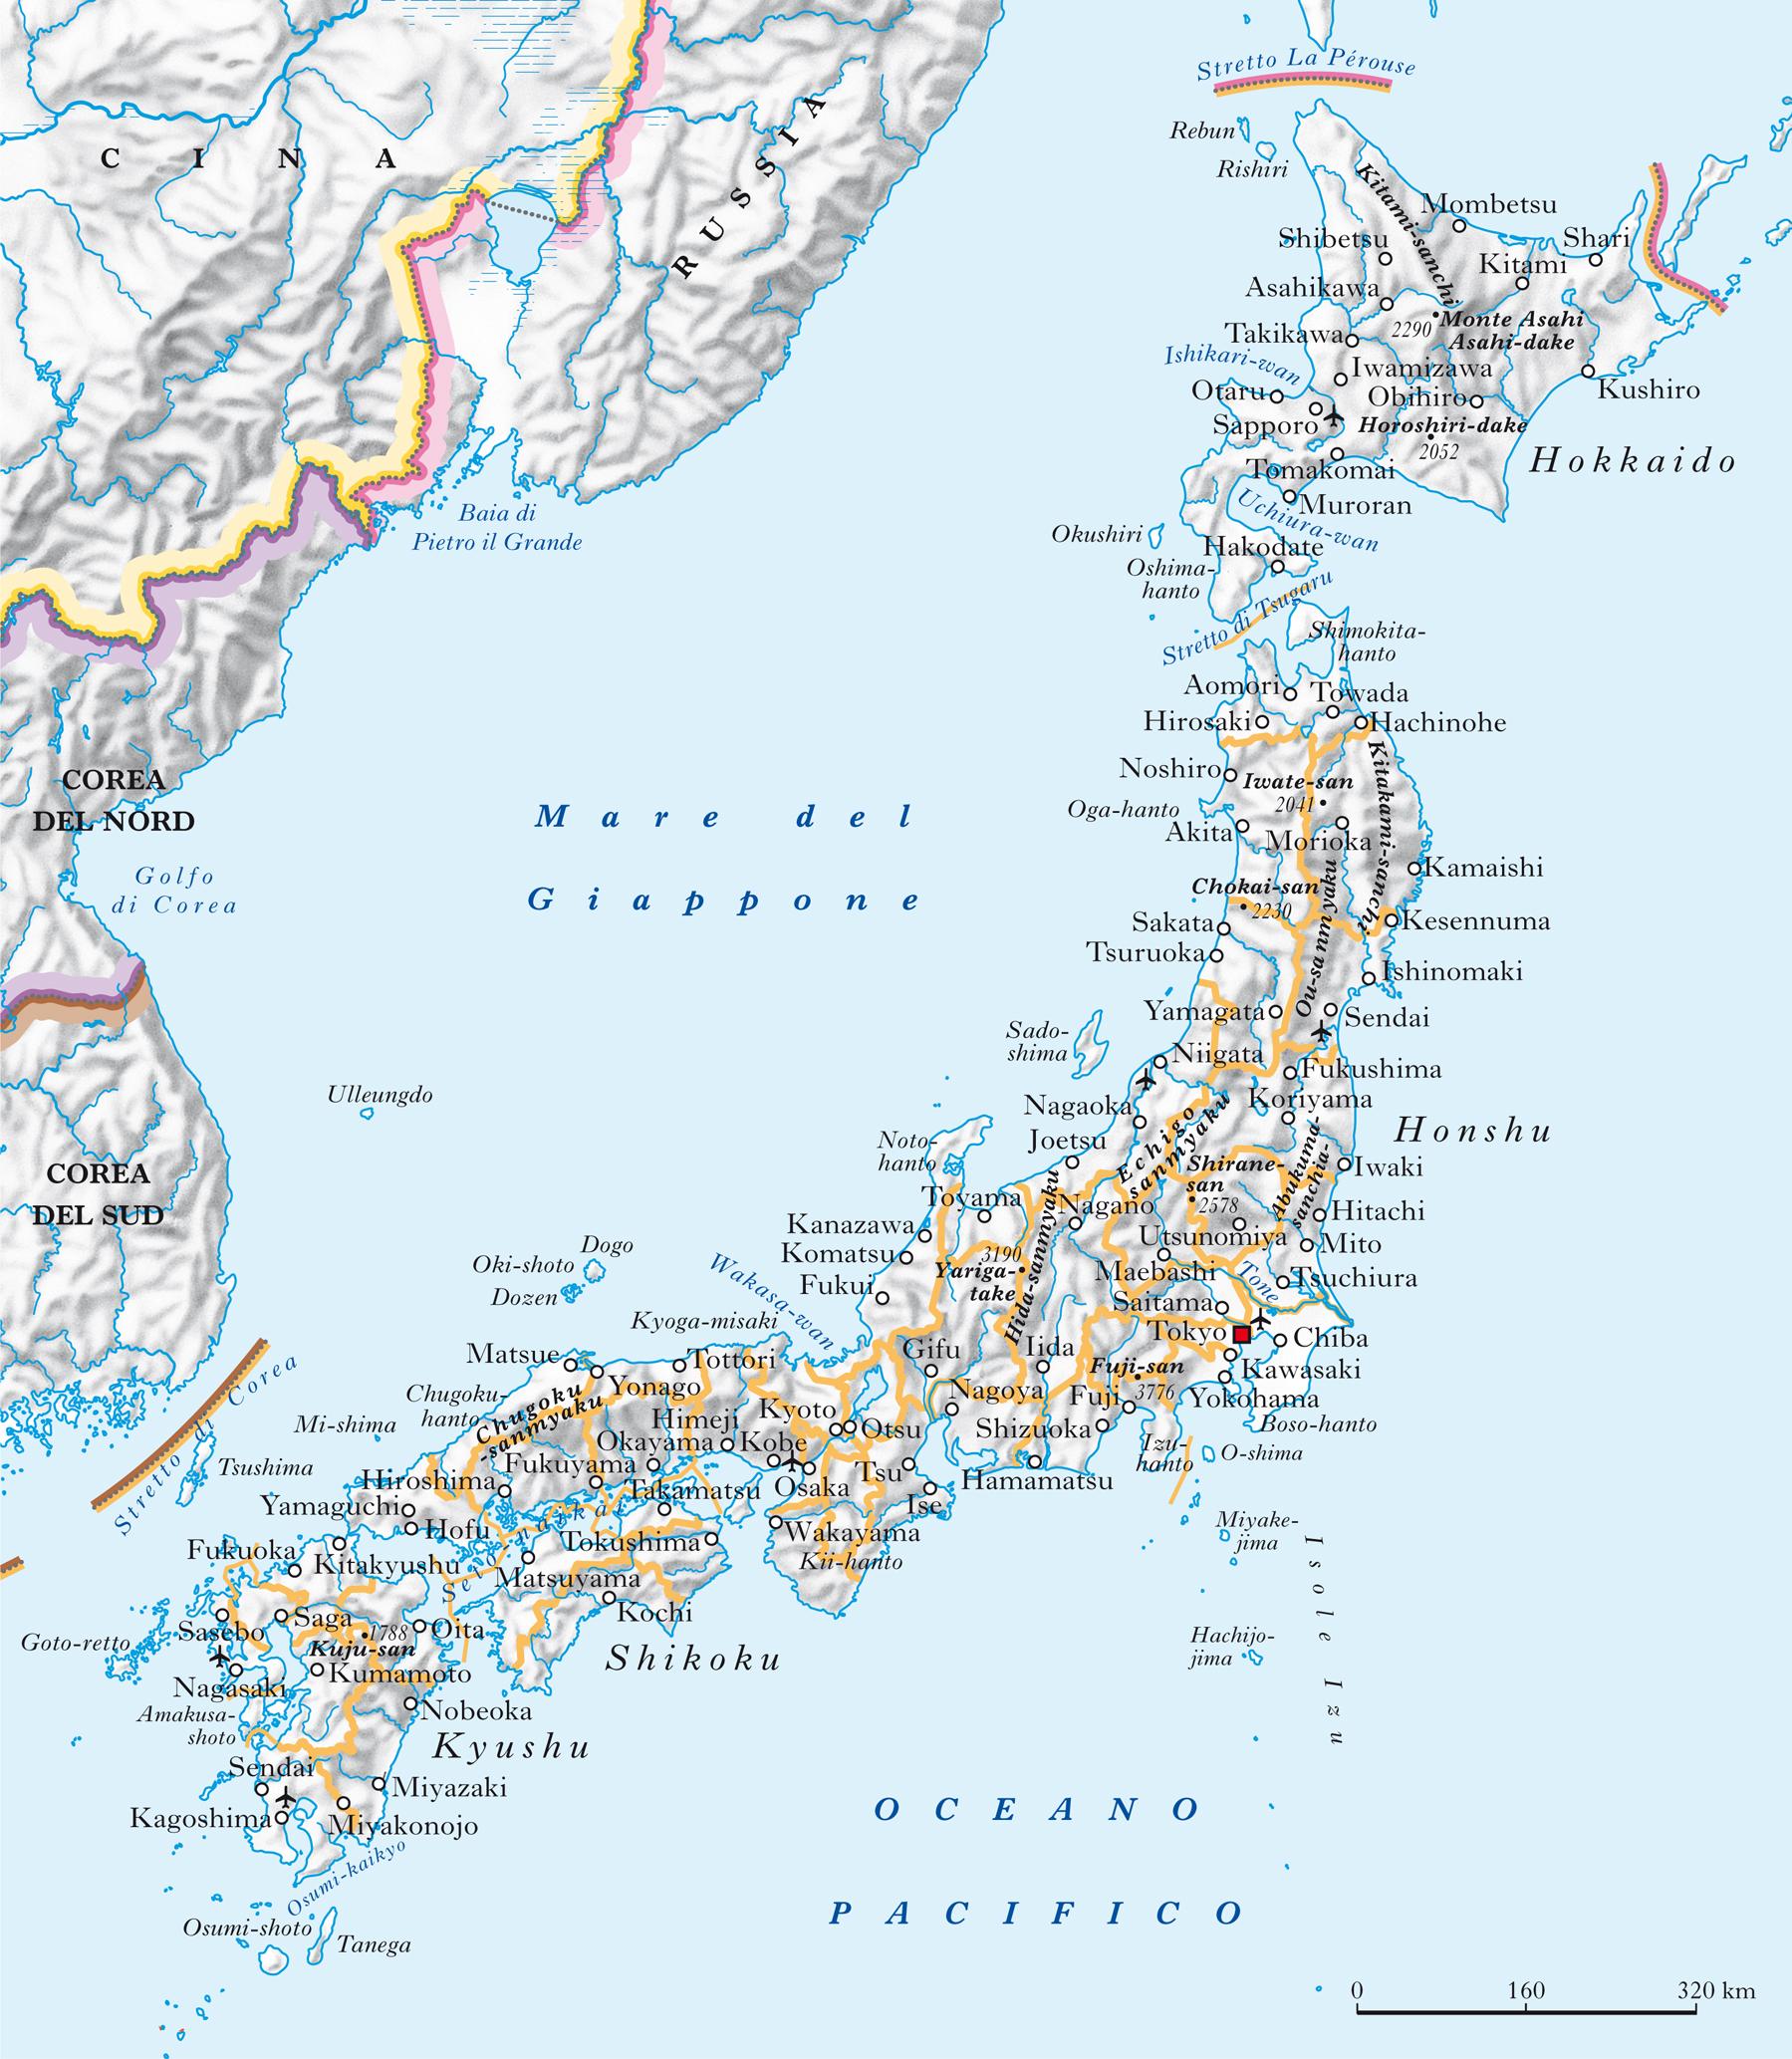 Cartina Economica Giappone.Giappone In Atlante Geopolitico